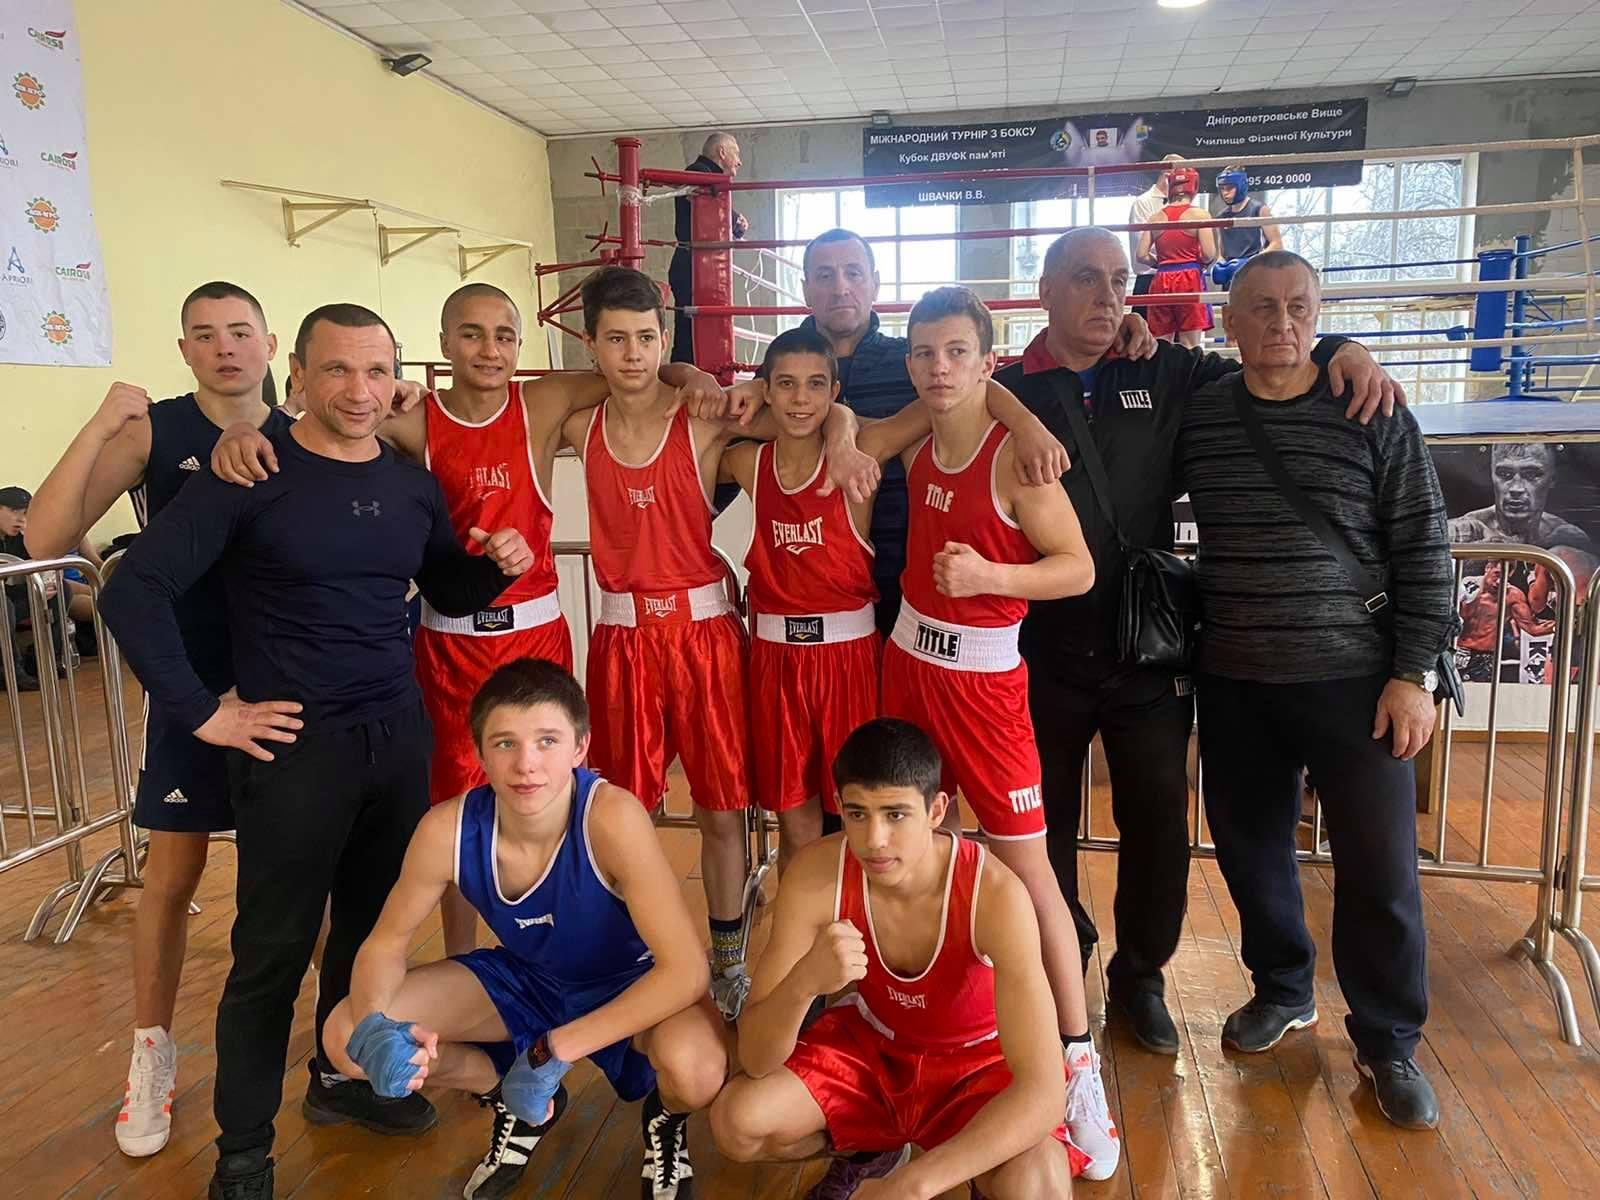 На областном чемпионате по боксу никопольчане завоевали 7 медалей   Прихист